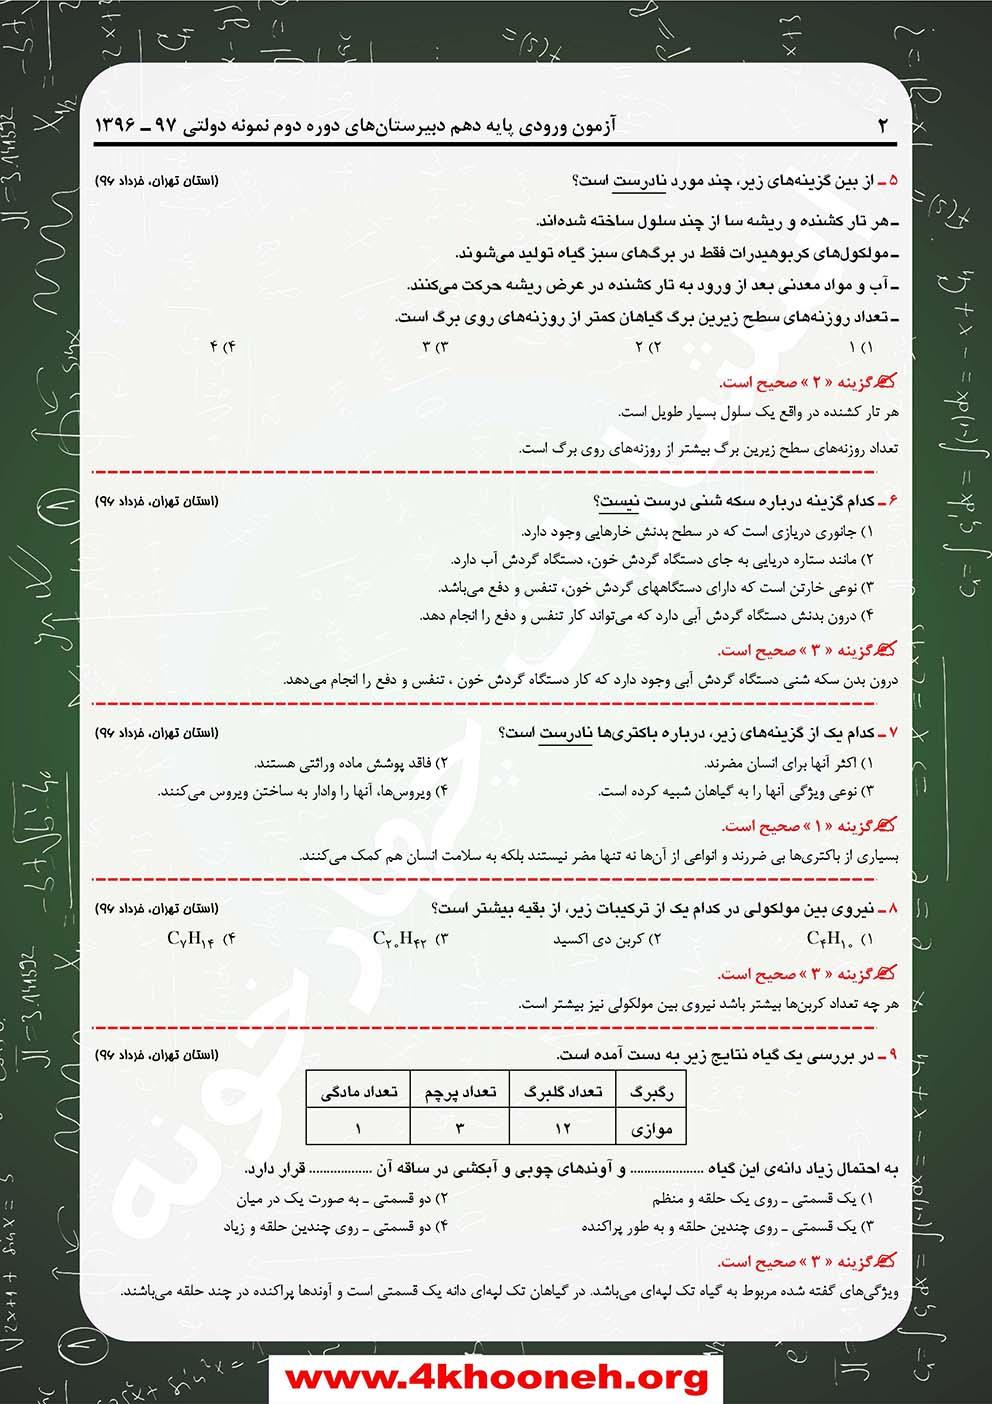 سوالات نمونه دولتی شهر تهران پایه نهم سال 96-97